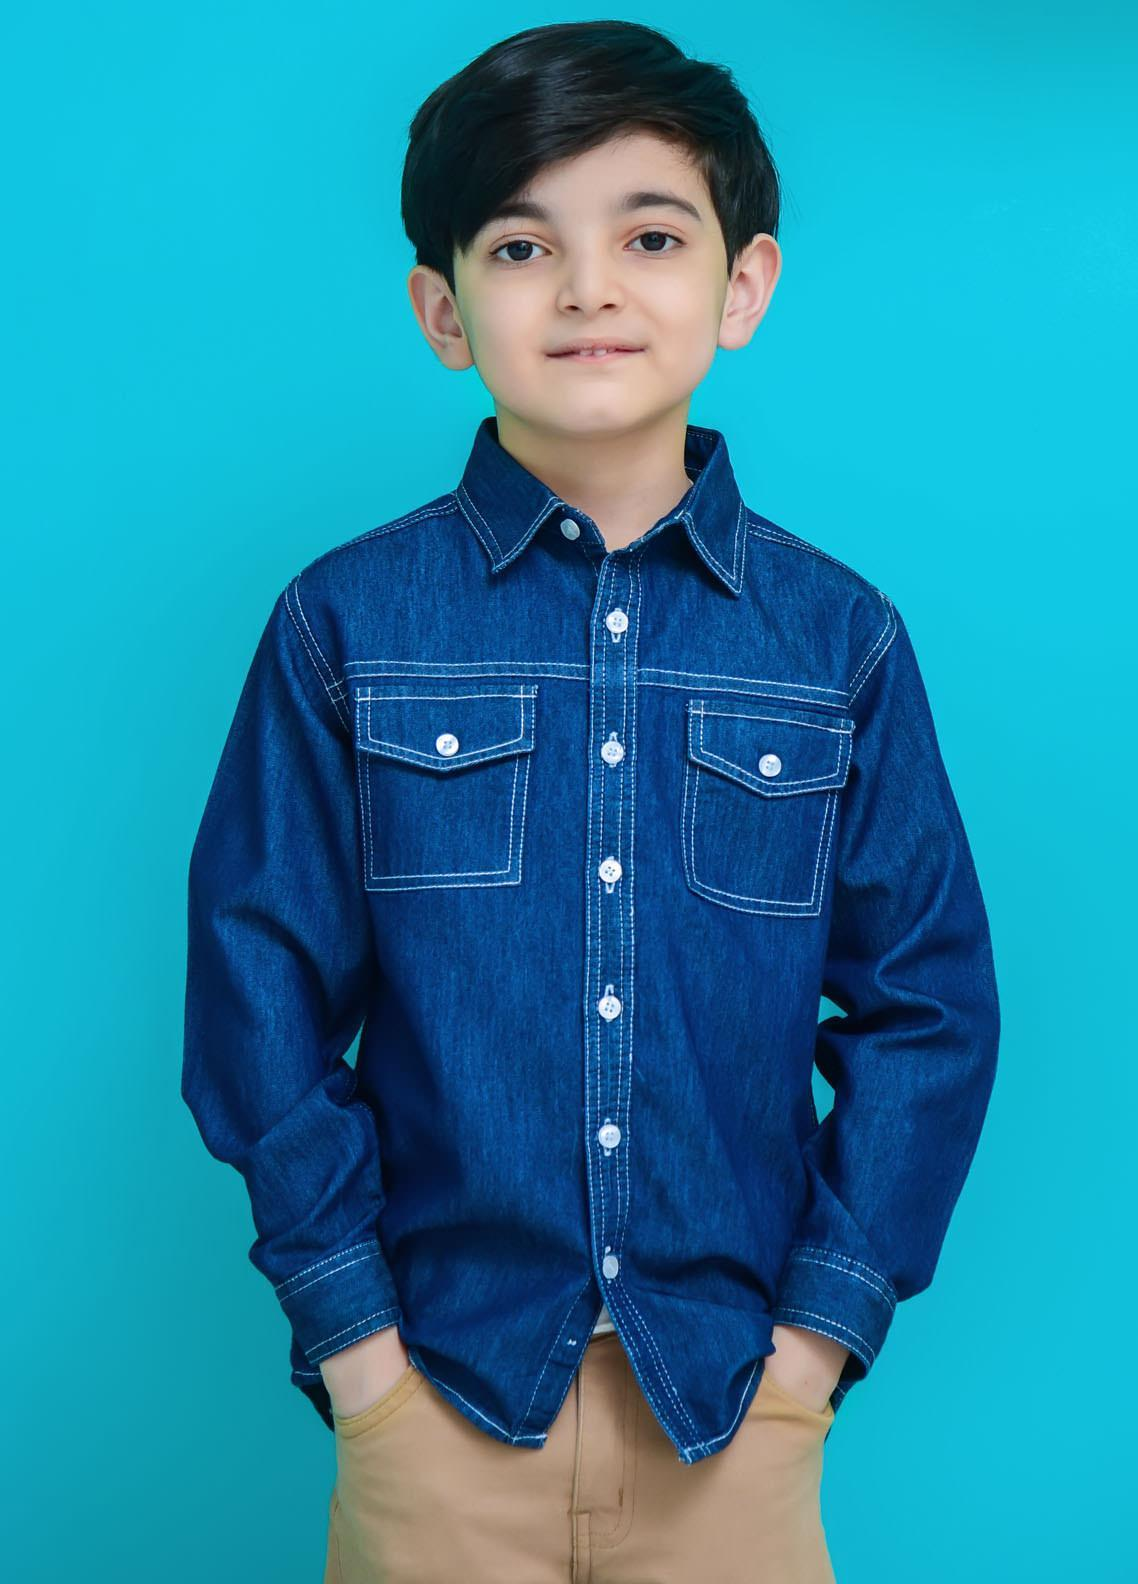 Ochre Denim Casual Boys Shirts -  OBS-27 Denim Blue